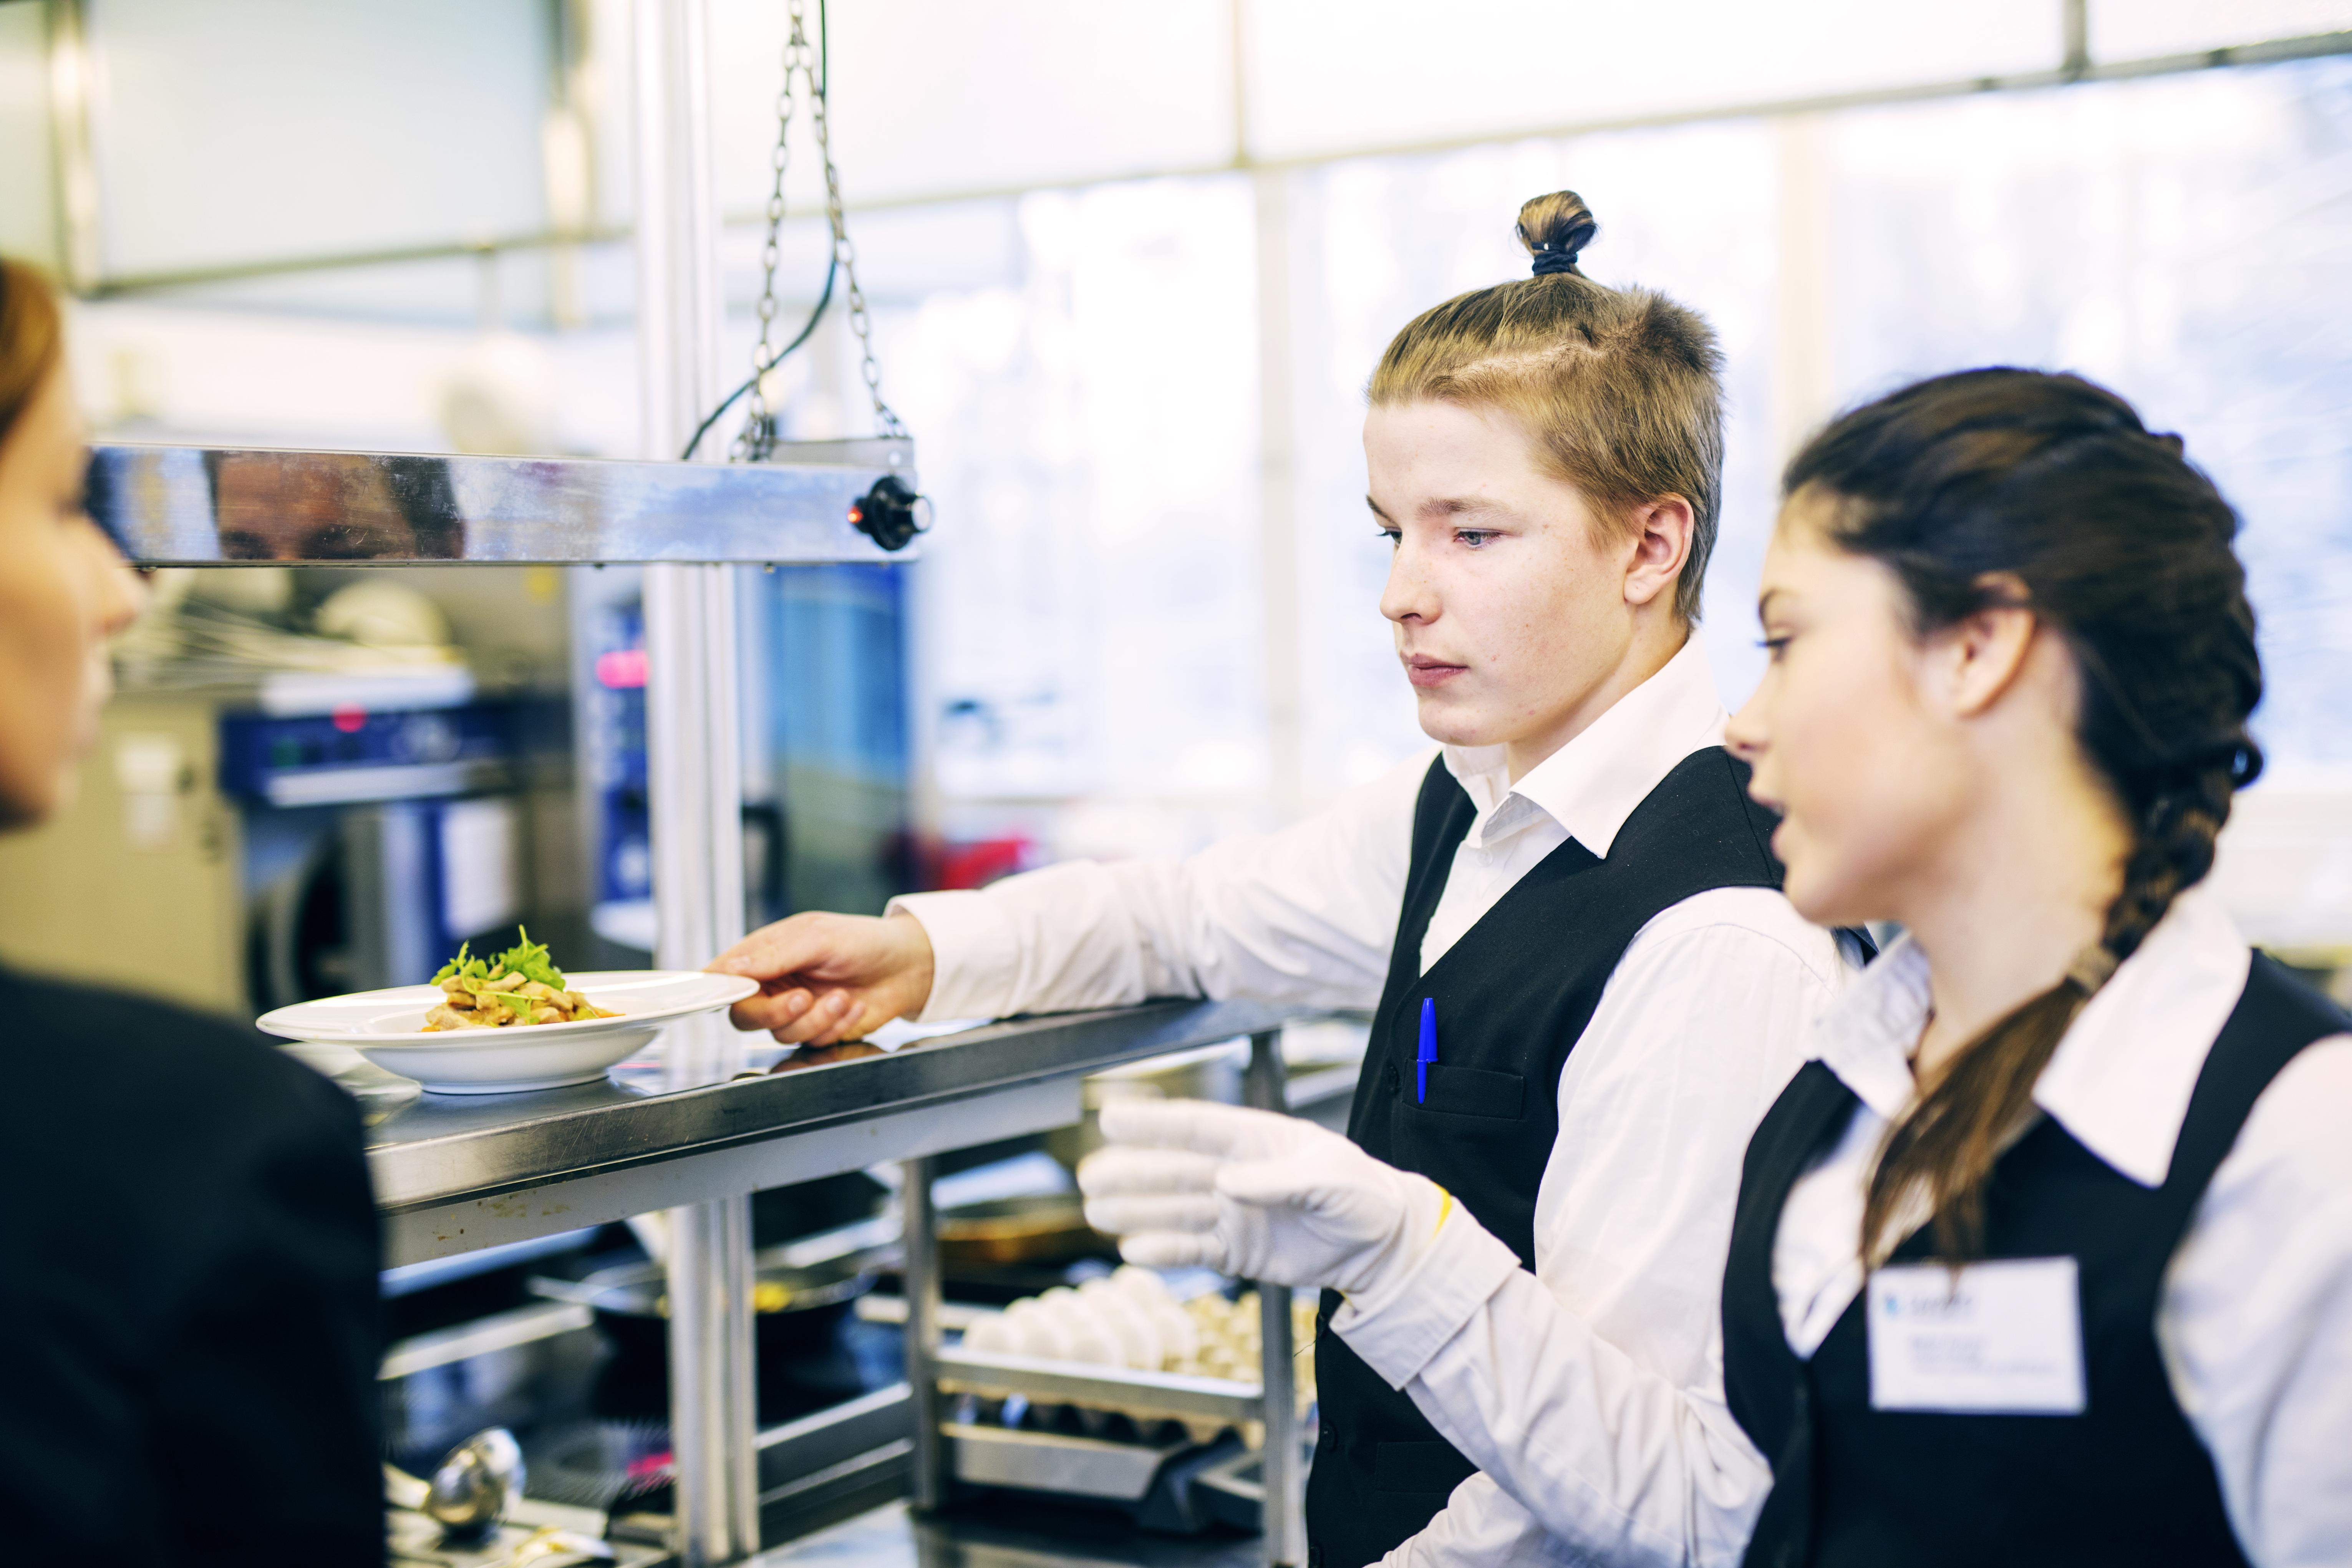 Ammatillinen koulutus on suuren mullisetuksen edessä. Kevin Linno ja Mariia Zhukova opiskelevat Saimaan ammattiopisto Sampossa ravintola-alaa. (kuva: Lauri Rotko)